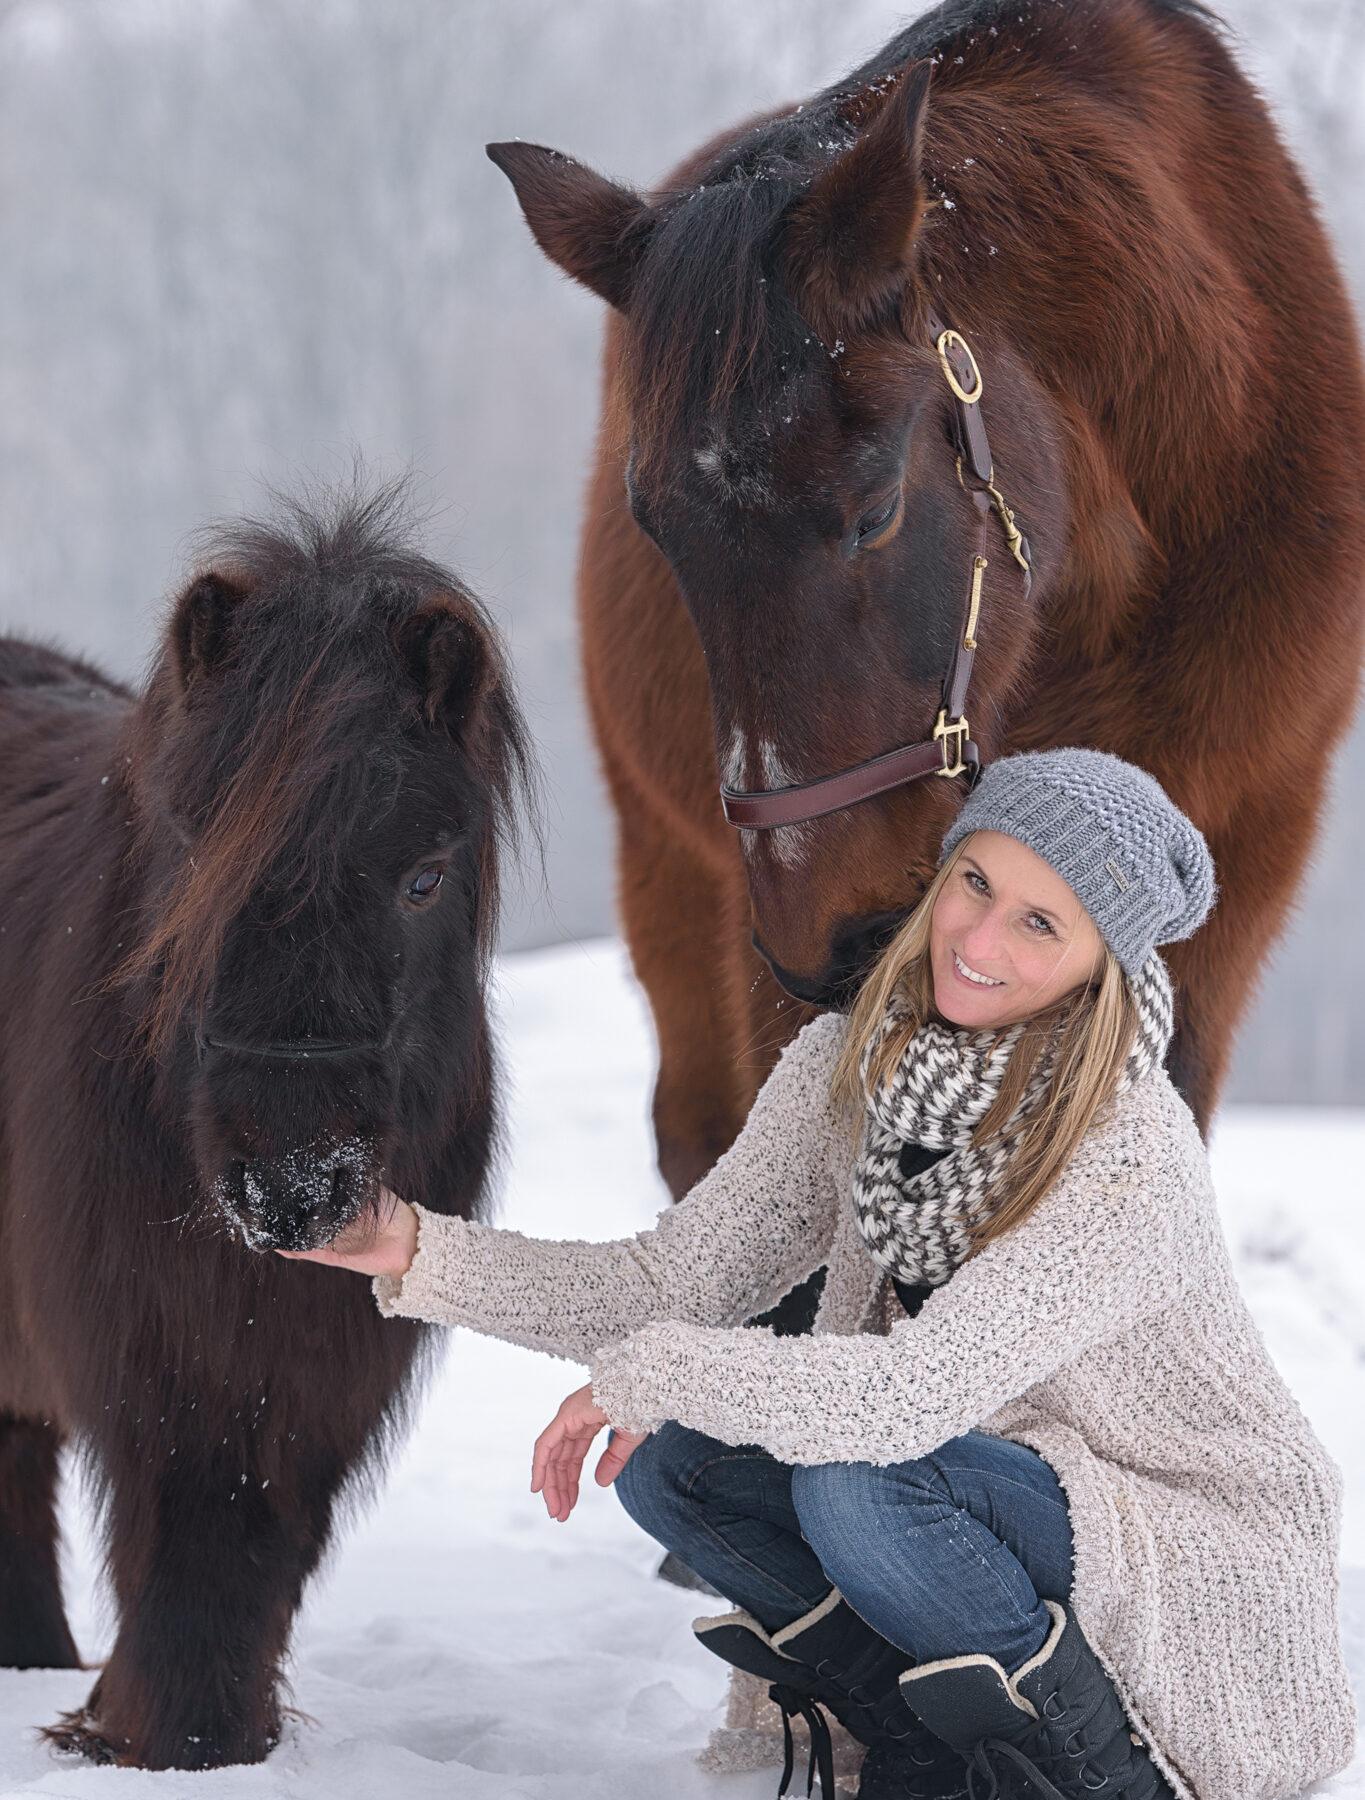 Equine Photography, Pferdefotografie, Pferde, Horses, Tierfotografie Linz, Tierfotografie Oberösterreich, Tierfotografie Oberösterreich, Animal Photography, Fotografie, Nicole Haas